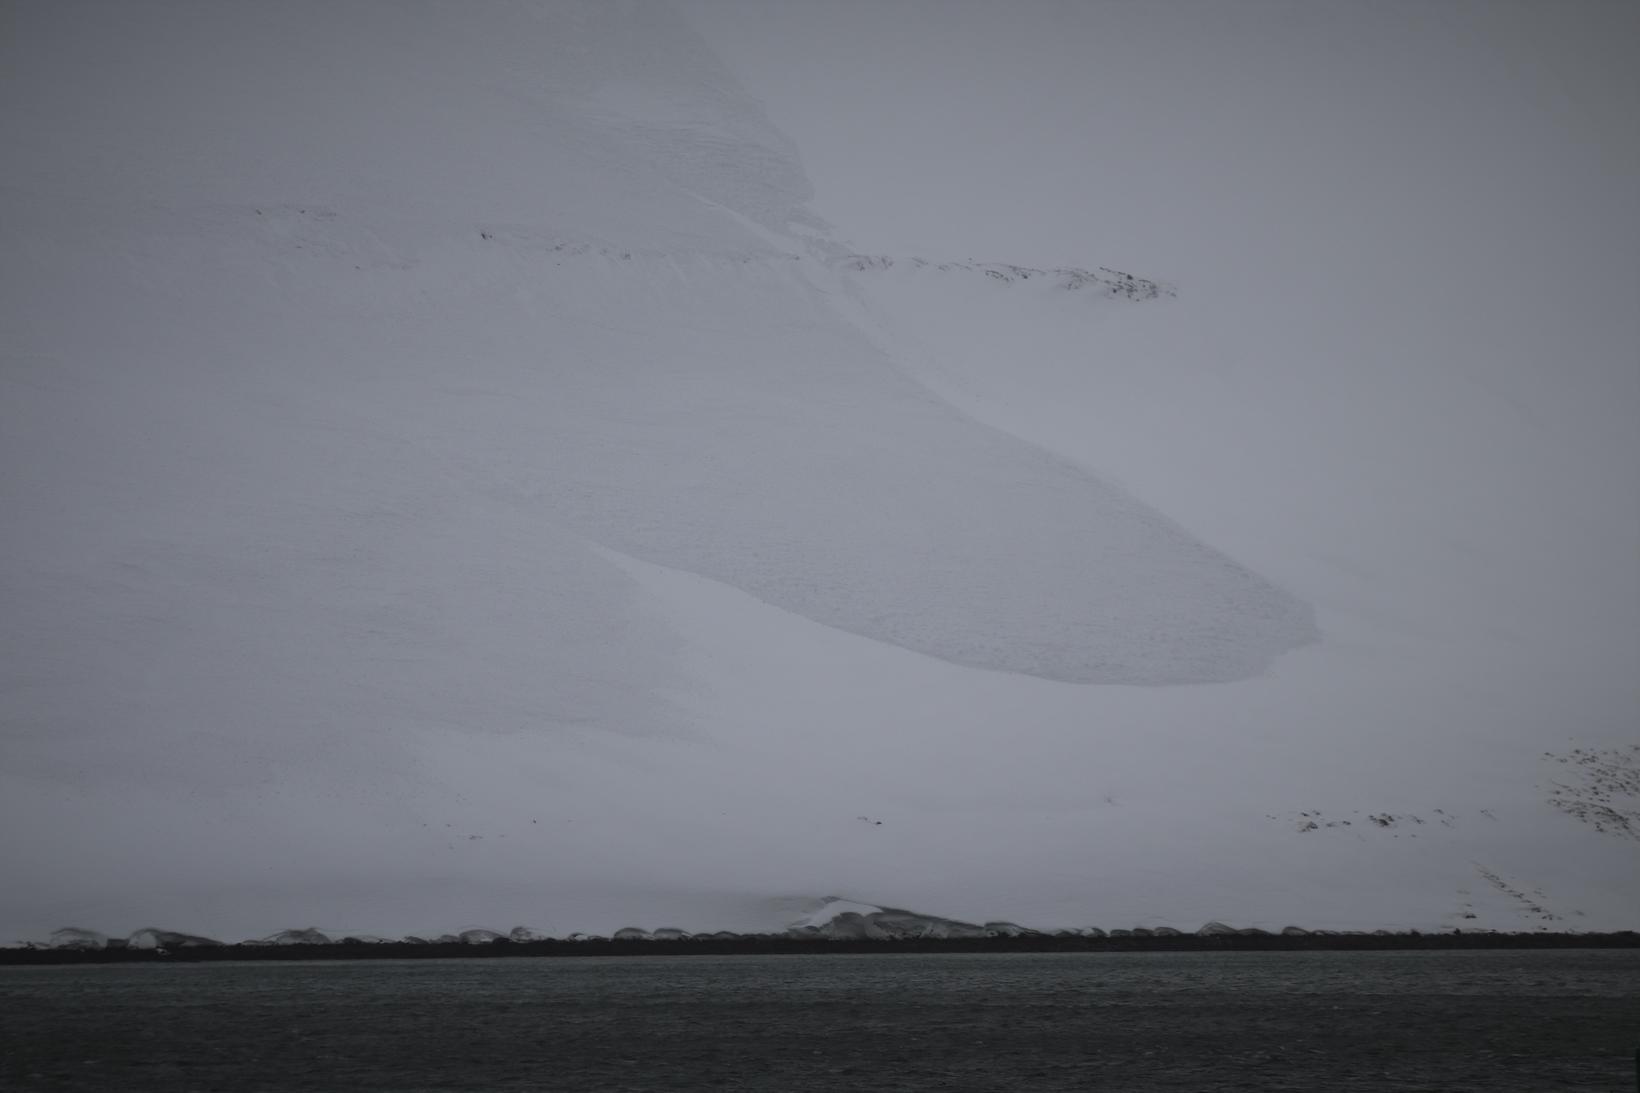 Snjóflóð féll fram í sjó.